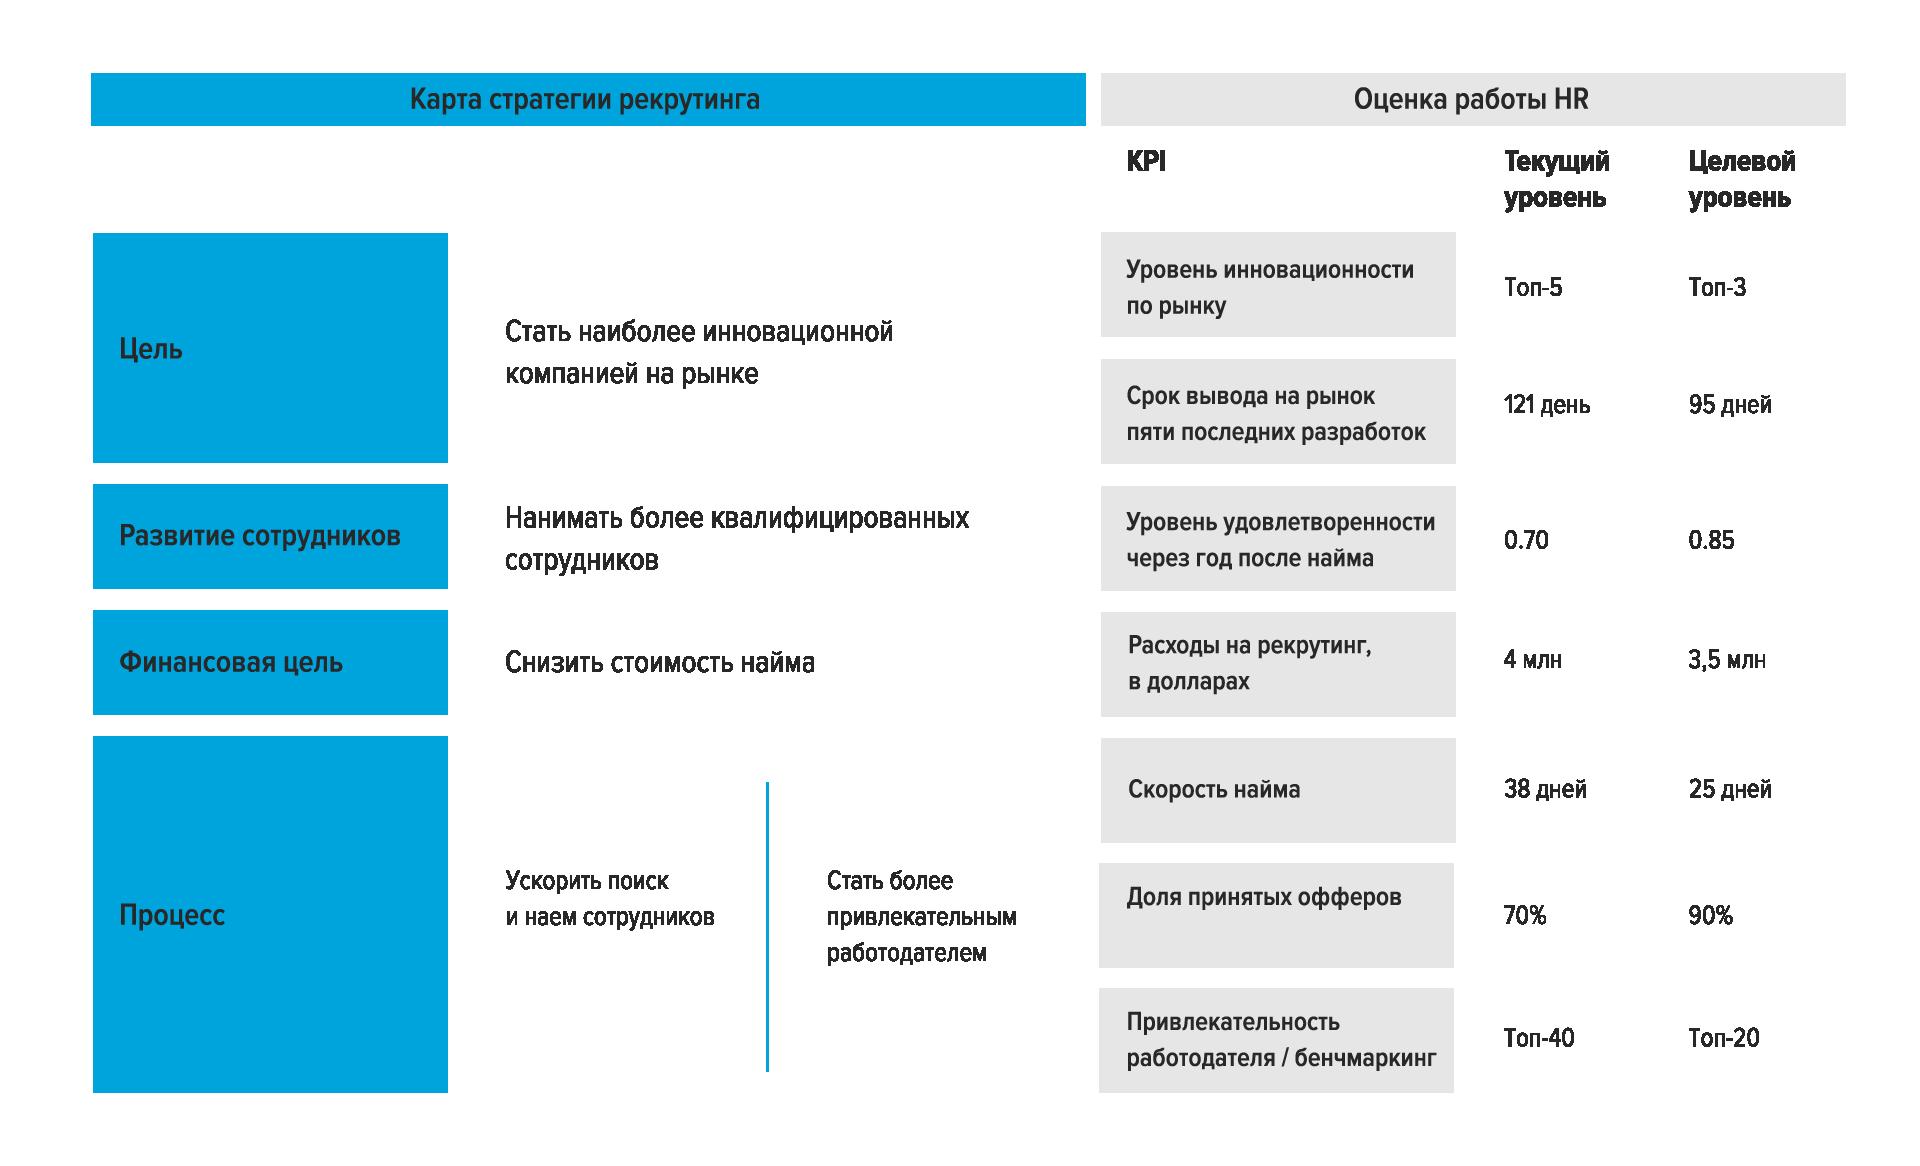 Подробно про KPI для HR: с анализом метрик и практическими примерами